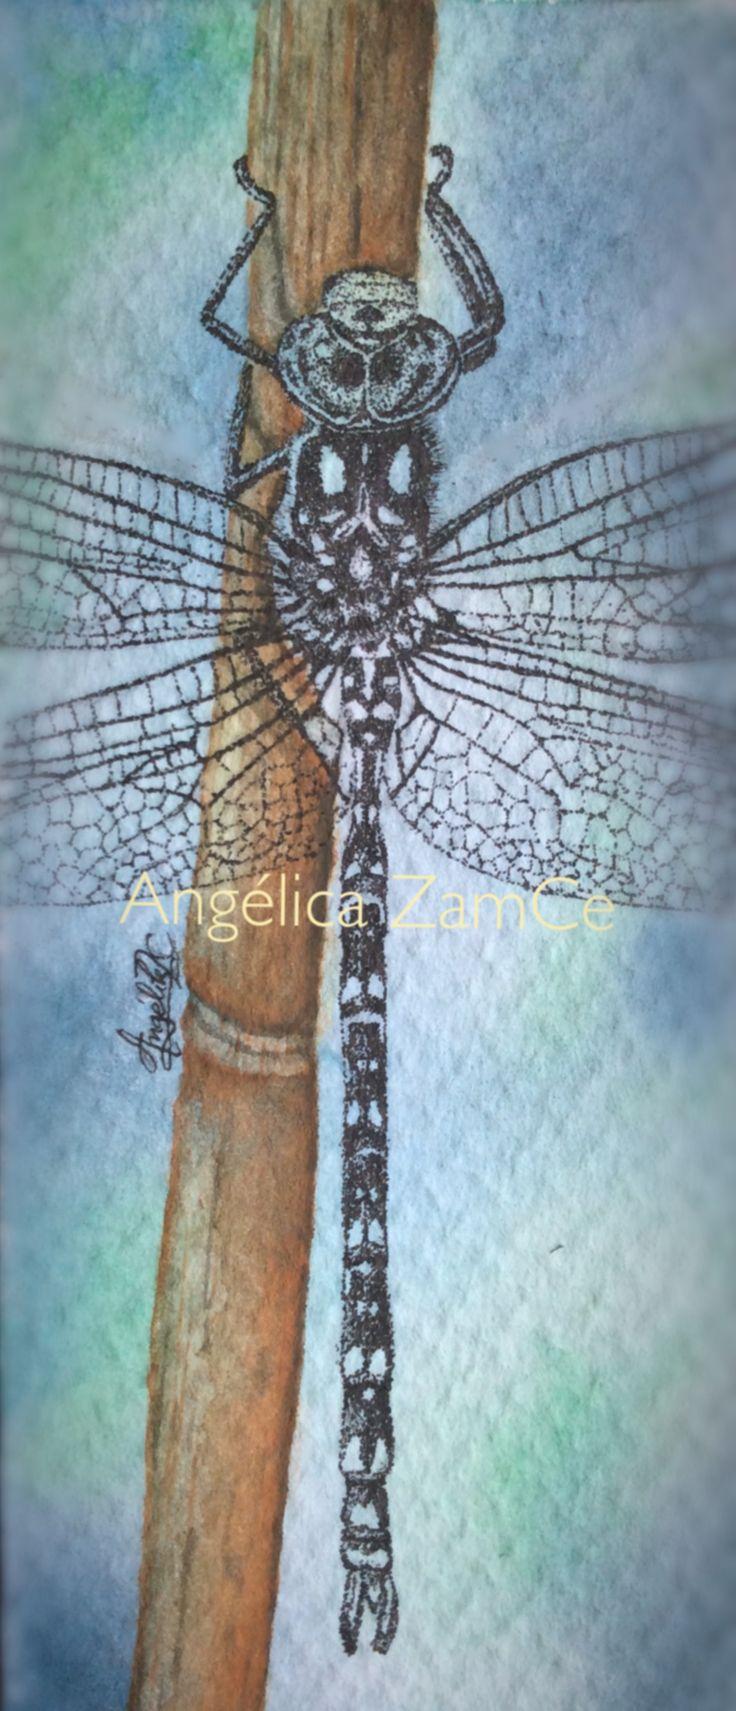 Libélula en rapidógrafo. Dragonfly. Ilustración en acuarela y rapidógrafo. Watercolor and rapidograph illustration.